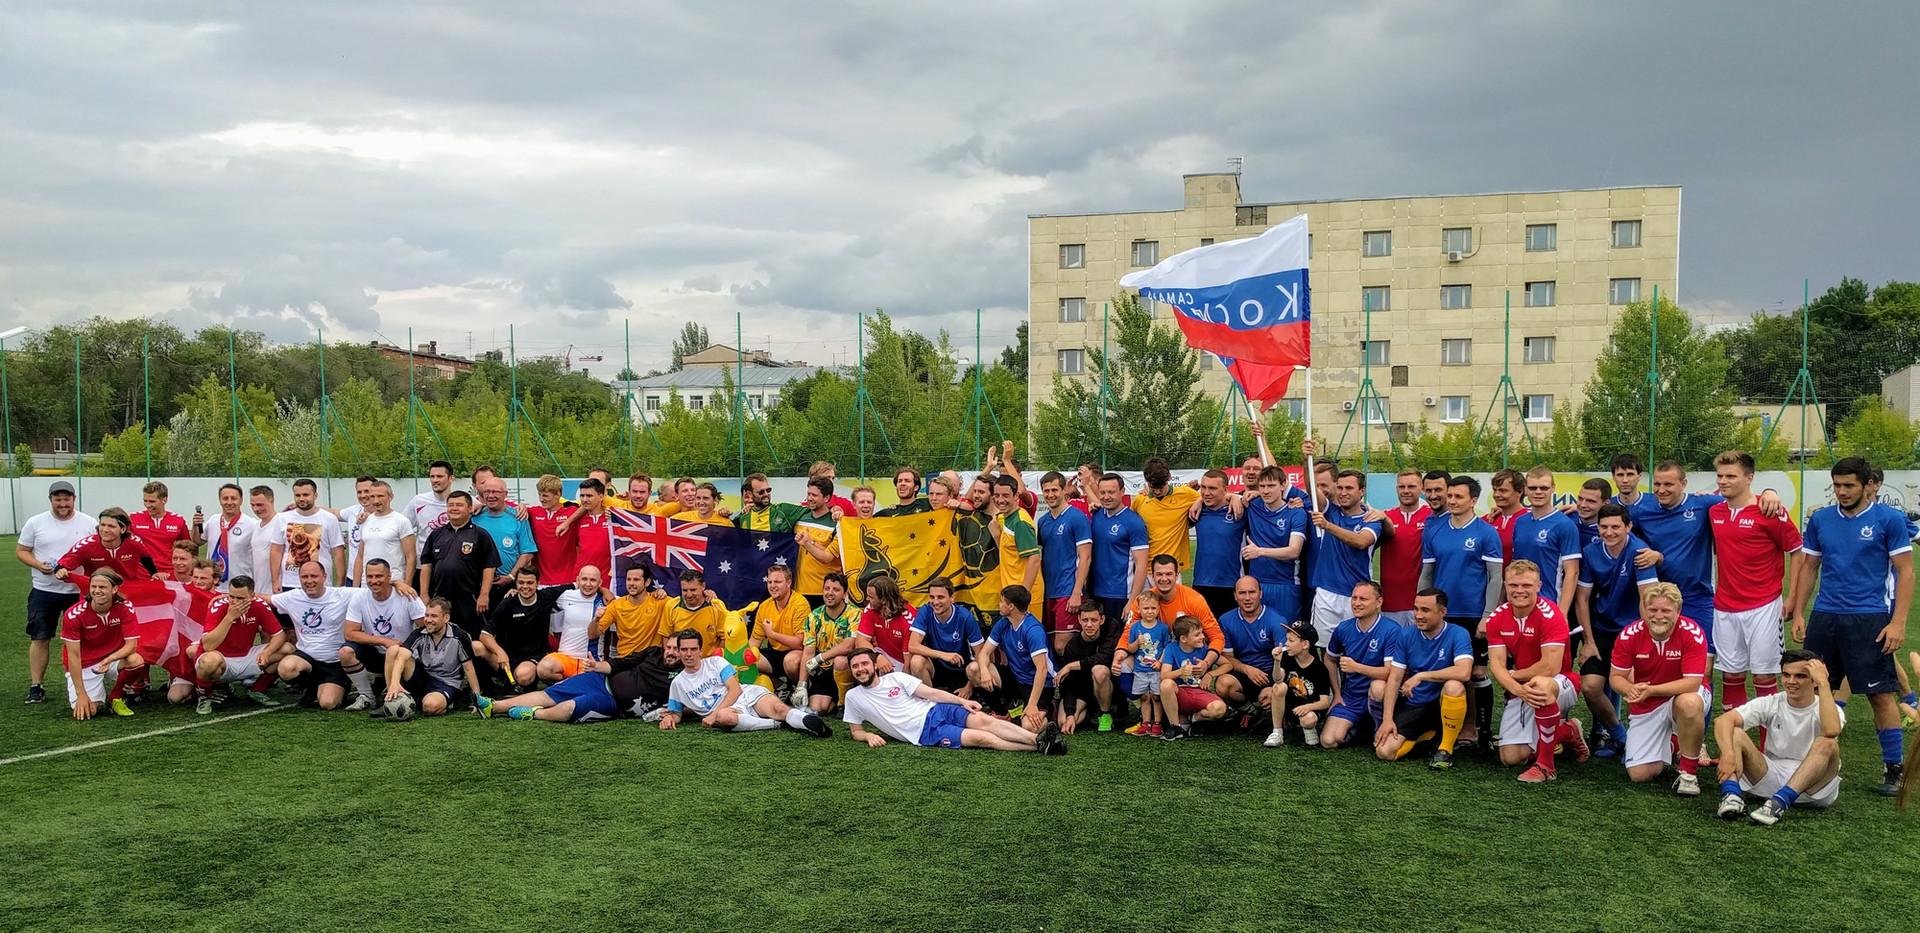 Cosmos Cup in Samara